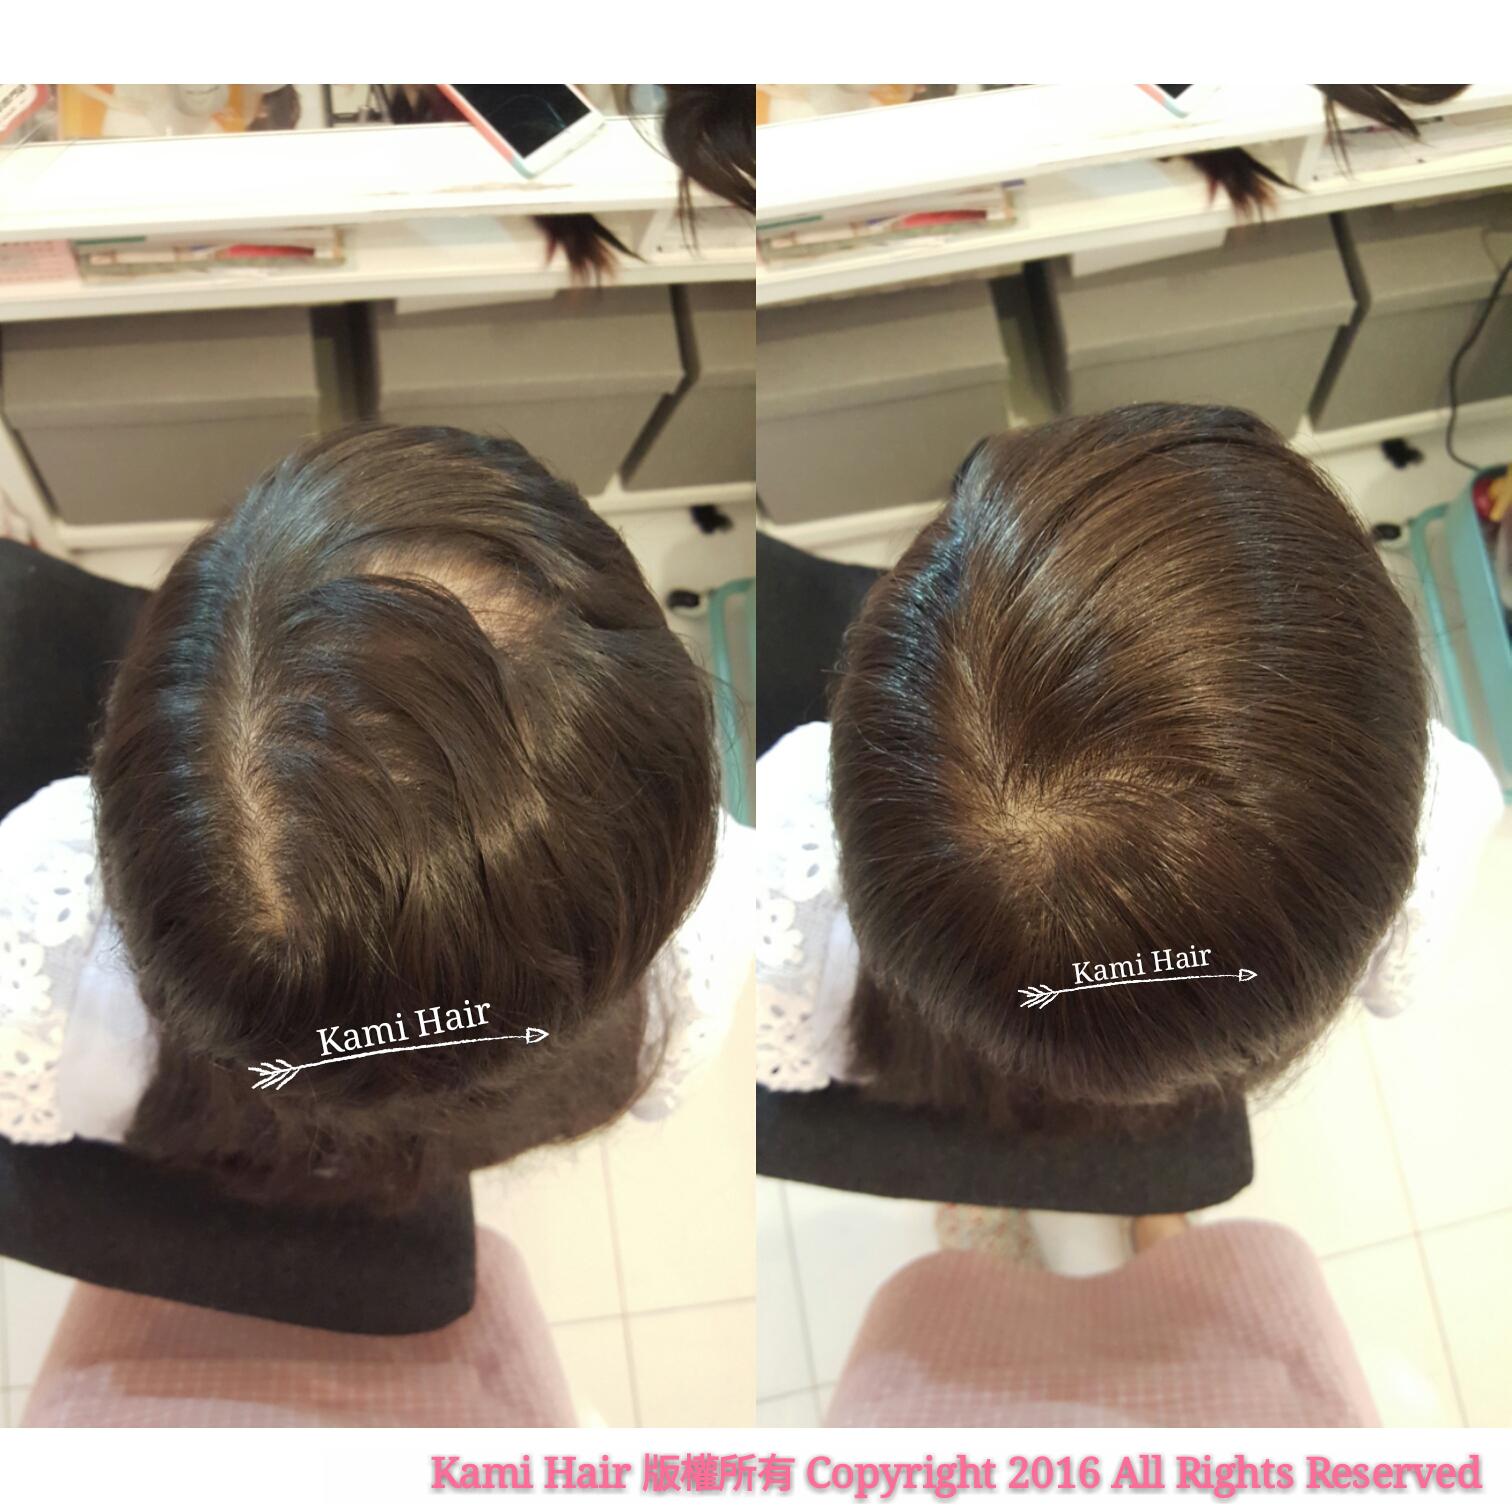 Kami Hair